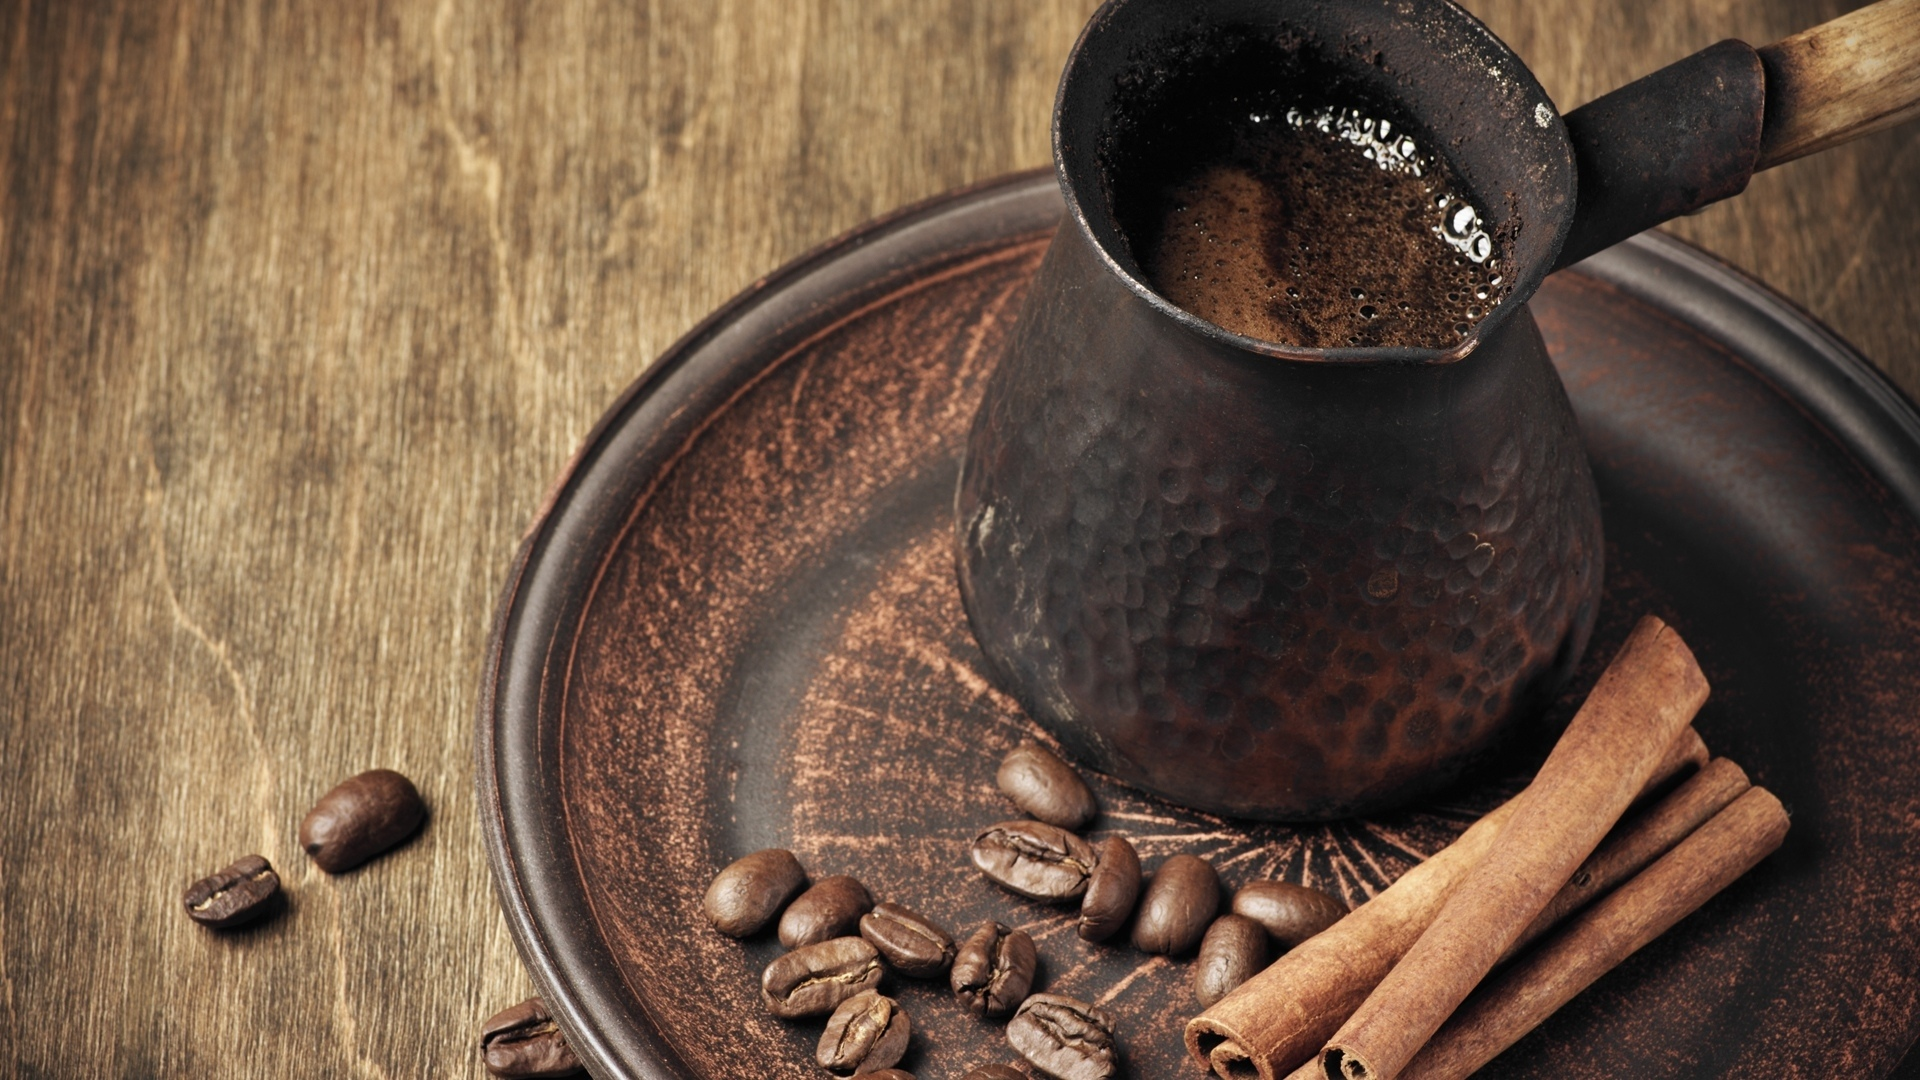 Ароматизированный кофе своими руками – пошаговый рецепт с фотографиями